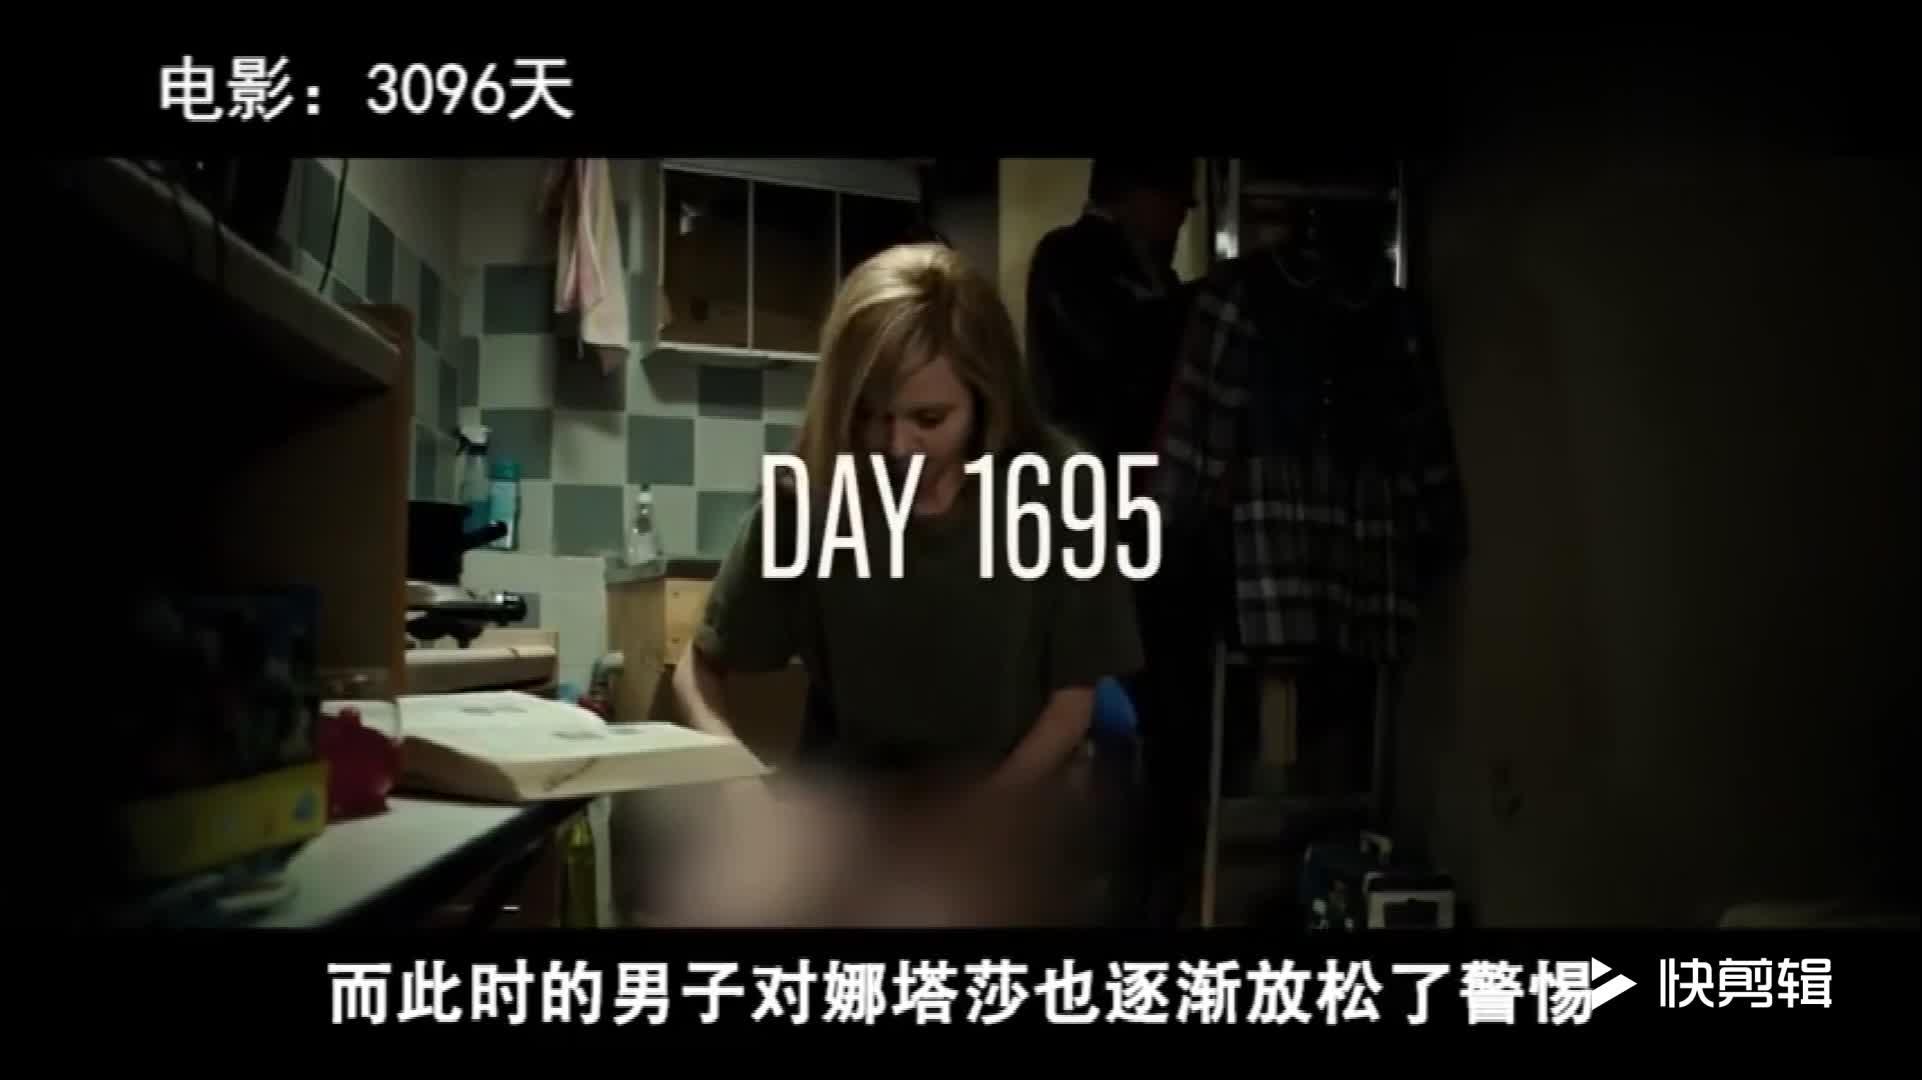 #绑架 囚禁#女孩被人绑架沦为奴隶,囚禁在地下室3096天